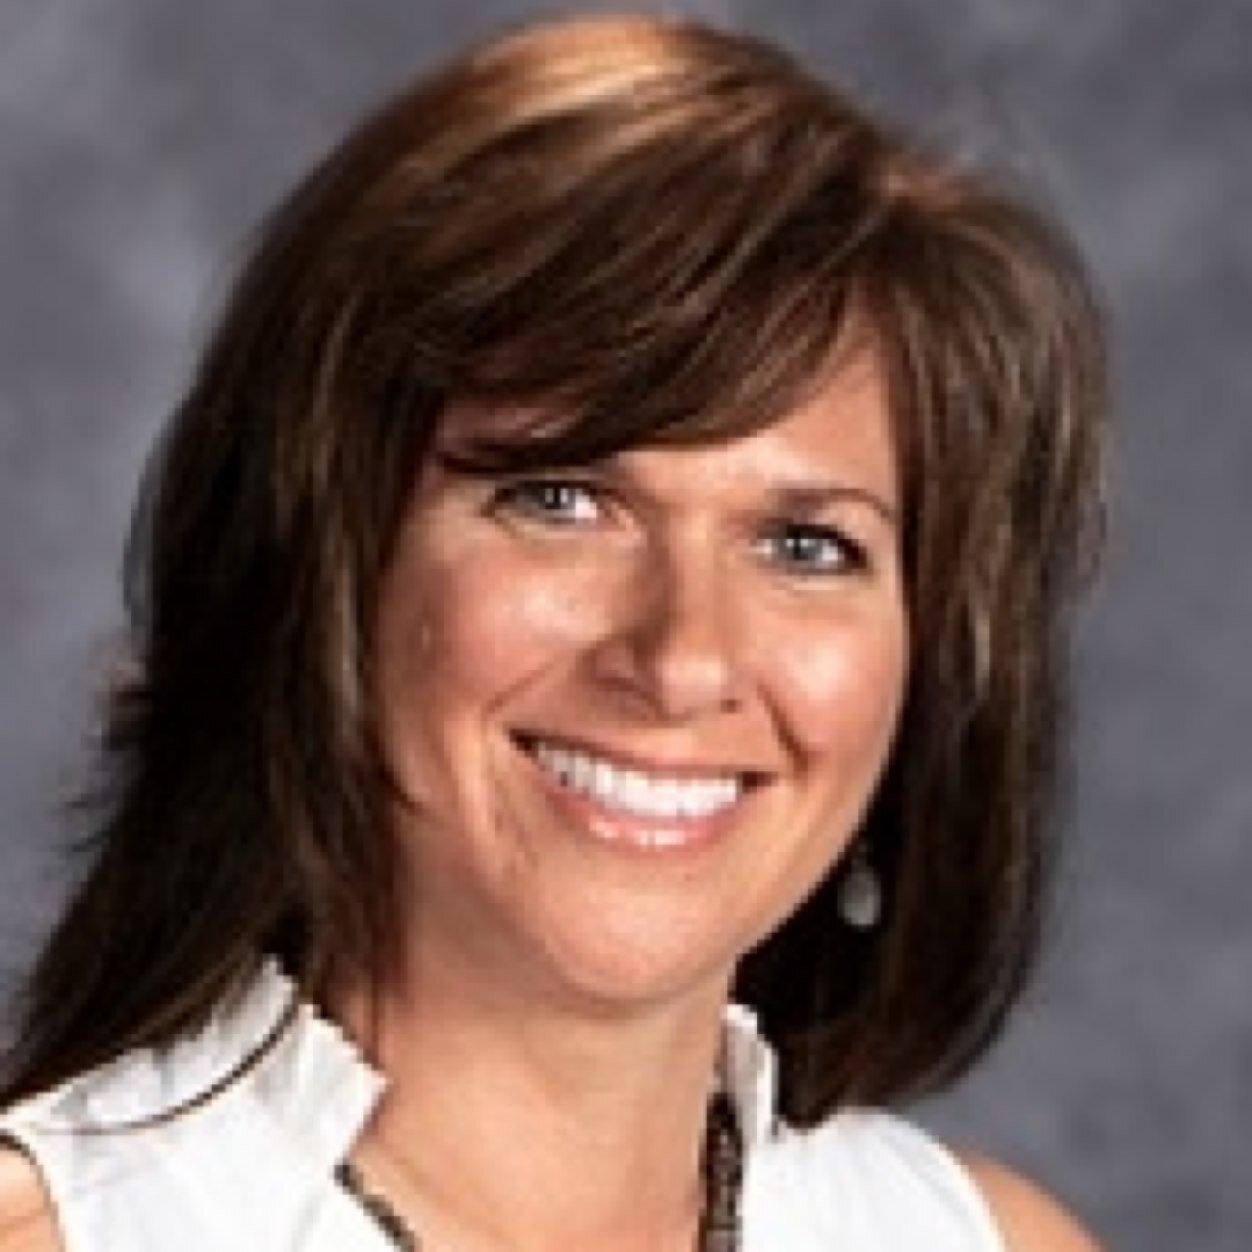 Stem School Apple Valley Mn: Stacey Buchwald (@StaceypbStacey)